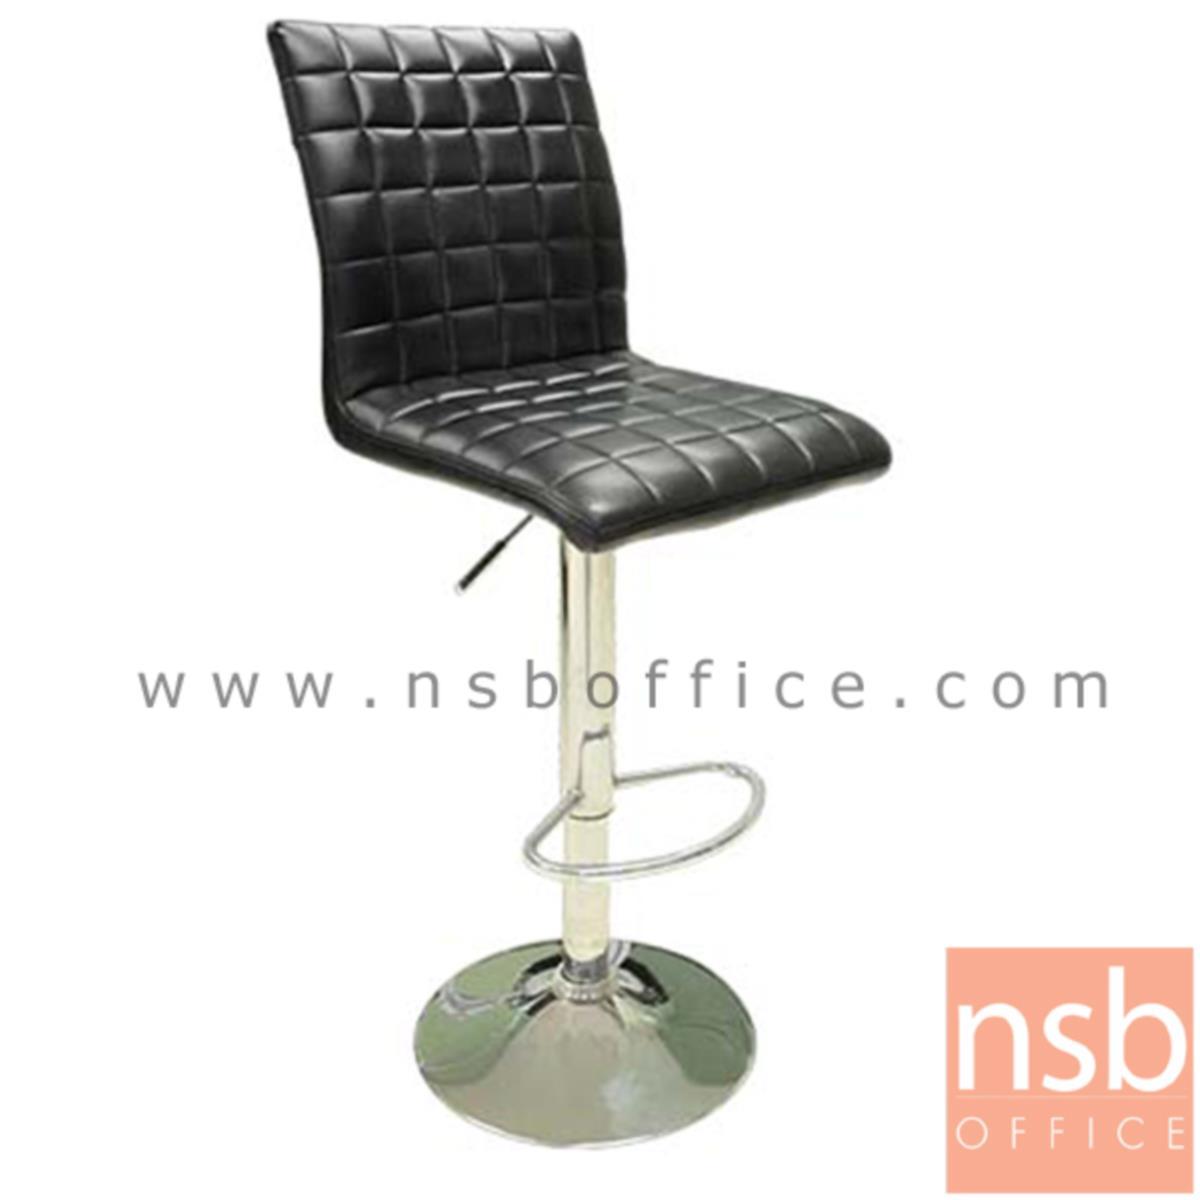 B09A121:เก้าอี้บาร์สูงหนังเทียม รุ่น Howard (ฮาวเวิร์ด) ขนาด 41W cm. โช๊คแก๊ส ขาโครเมี่ยมฐานจานกลม